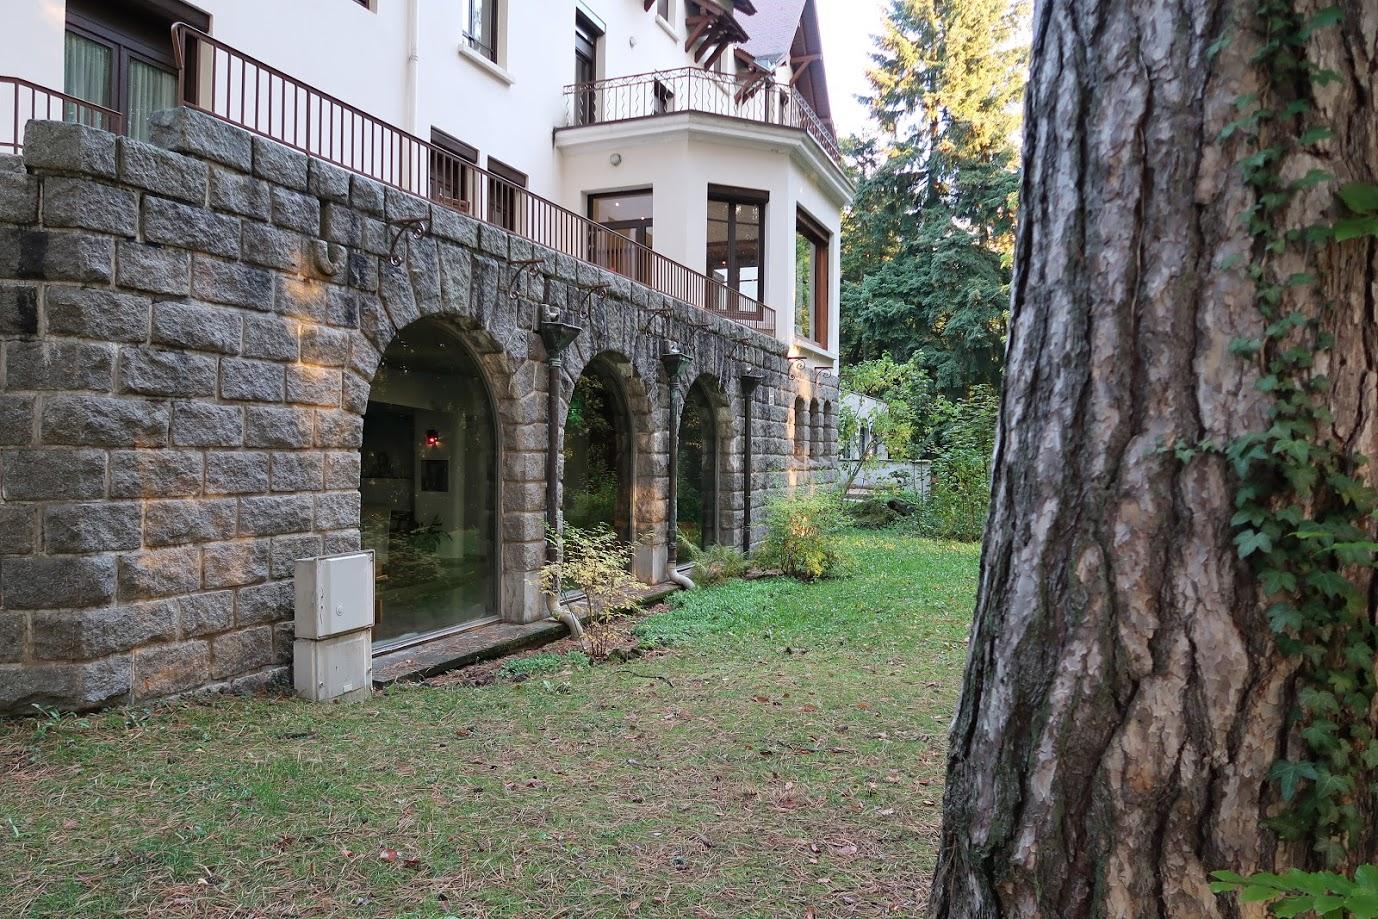 Pignolet, maison d'accueil à Clermont-Ferrand